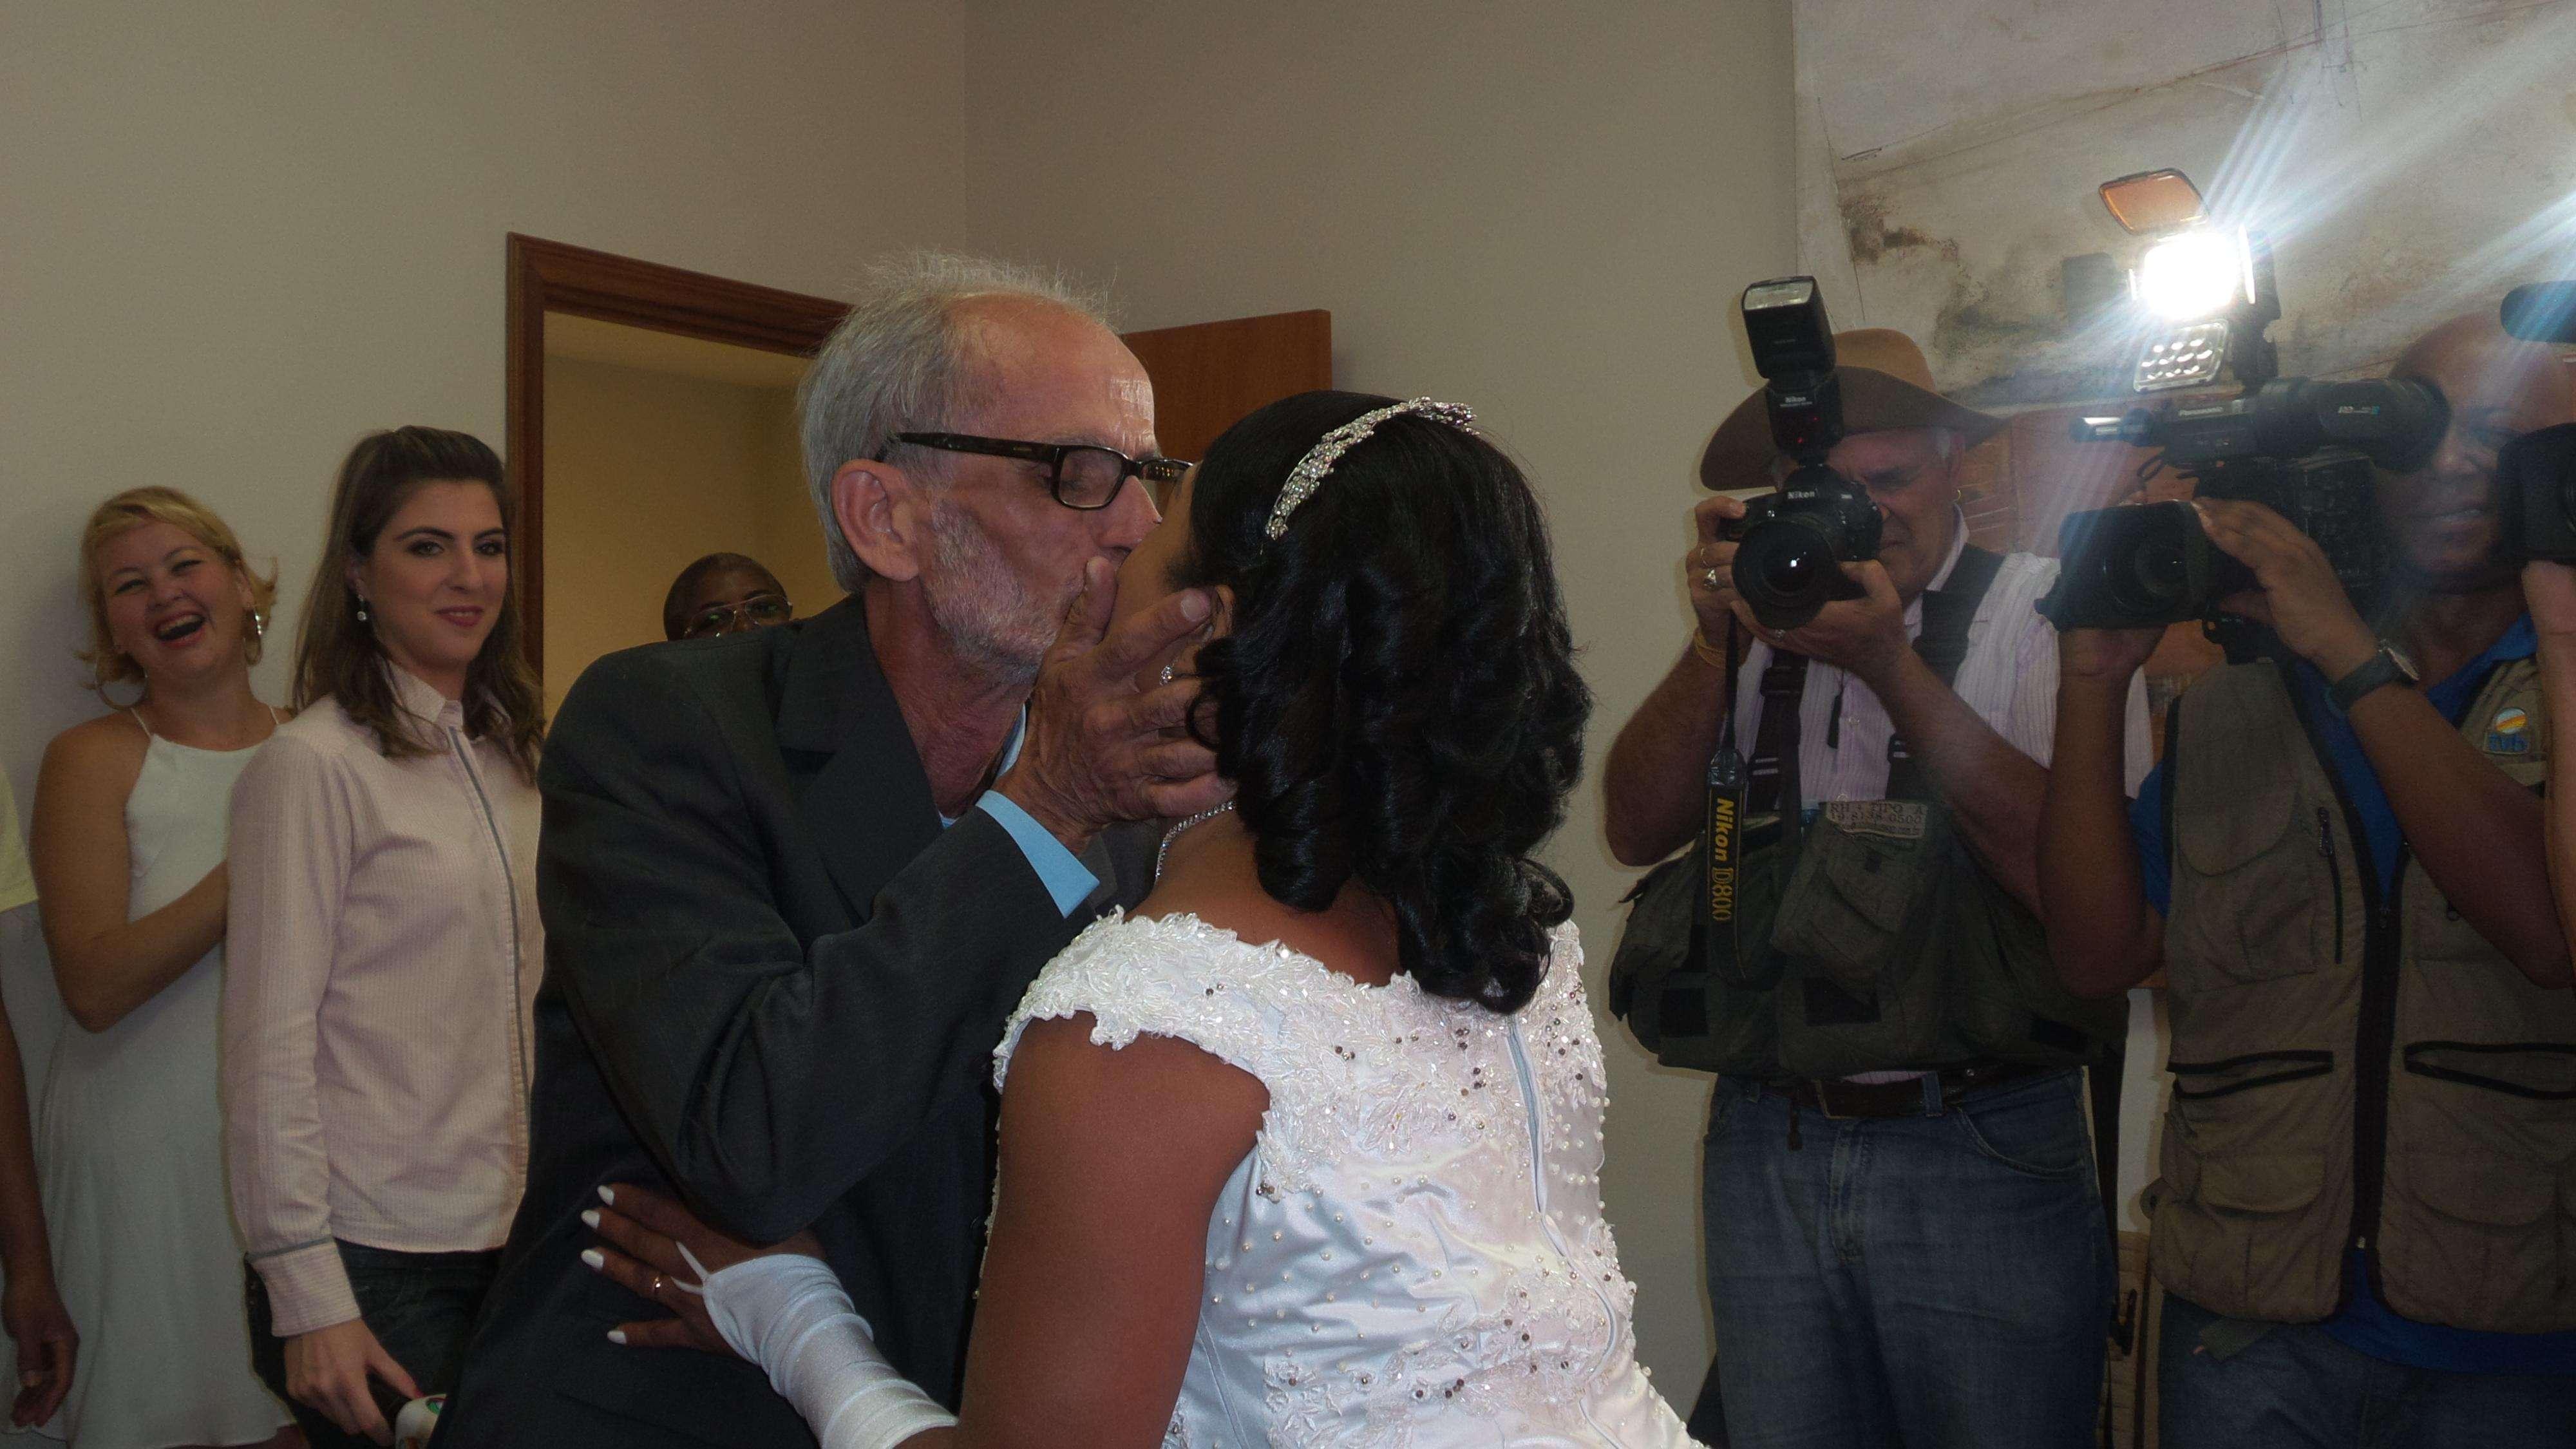 O casal Wagner Fernandes, 60 anos, e Paola Fernandes, de 36, oficializou a união de seis anos. É o quarto casamento dele - o primeiro com uma travesti Foto: Janaina Garcia/Terra